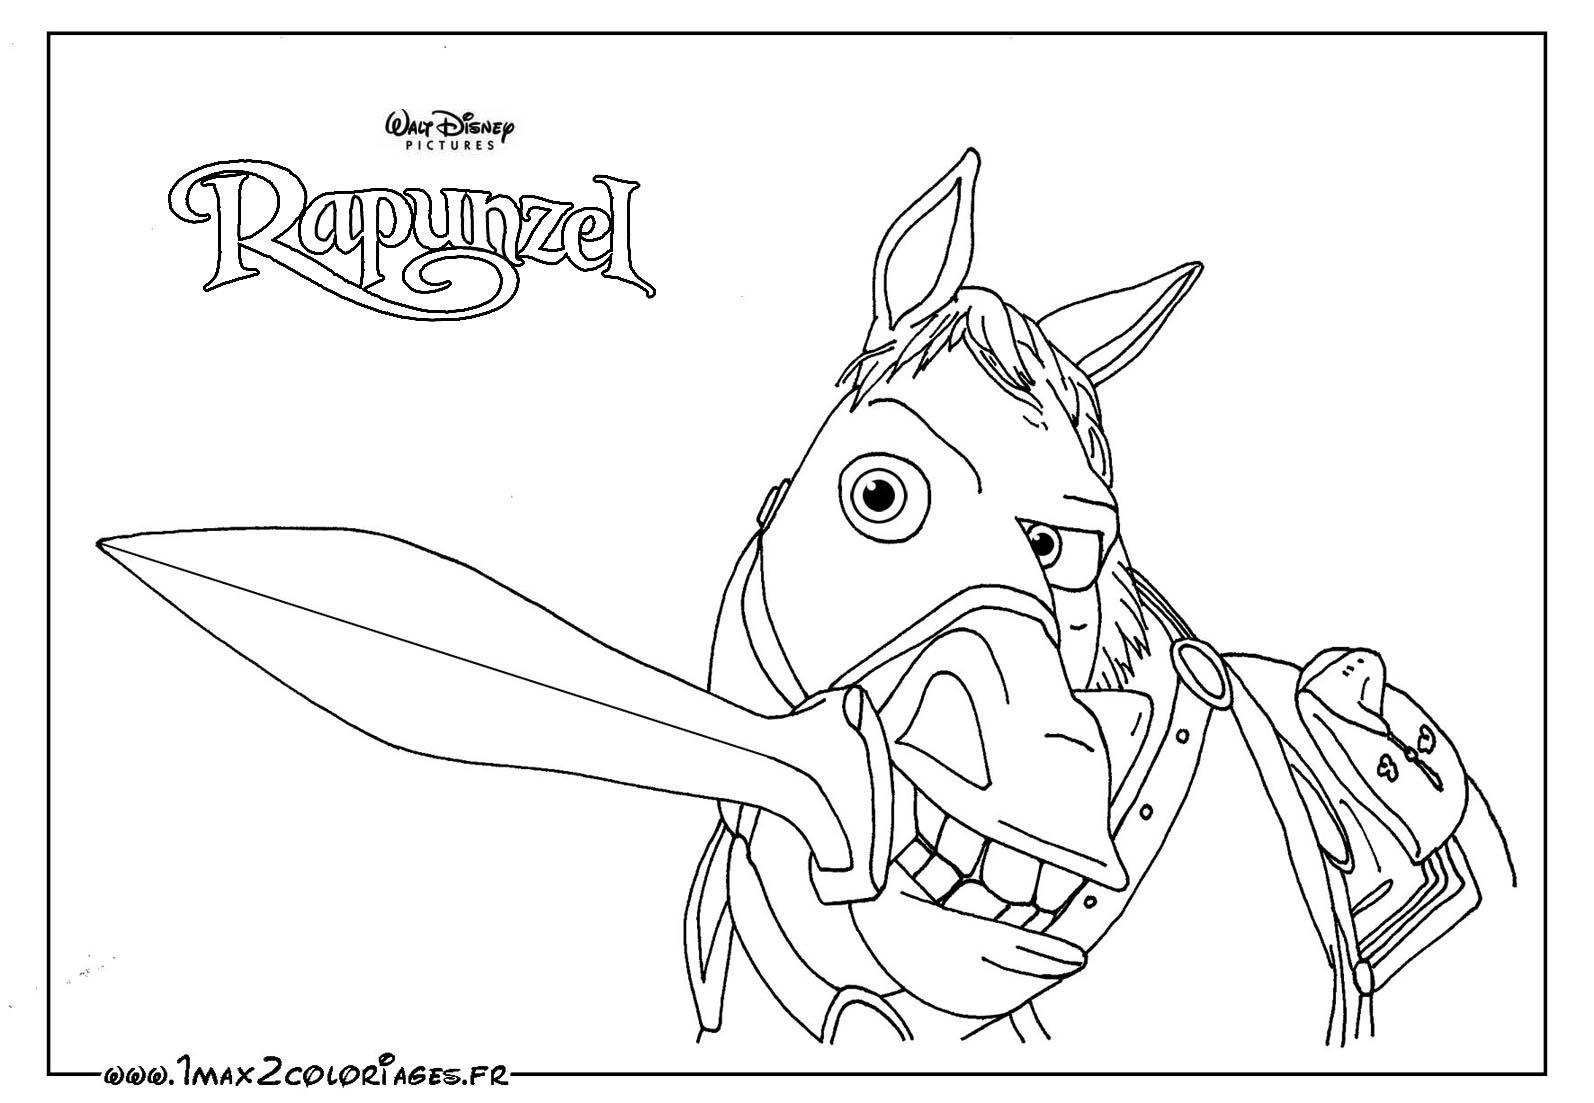 rapunzel maximus coloring pages - photo#8